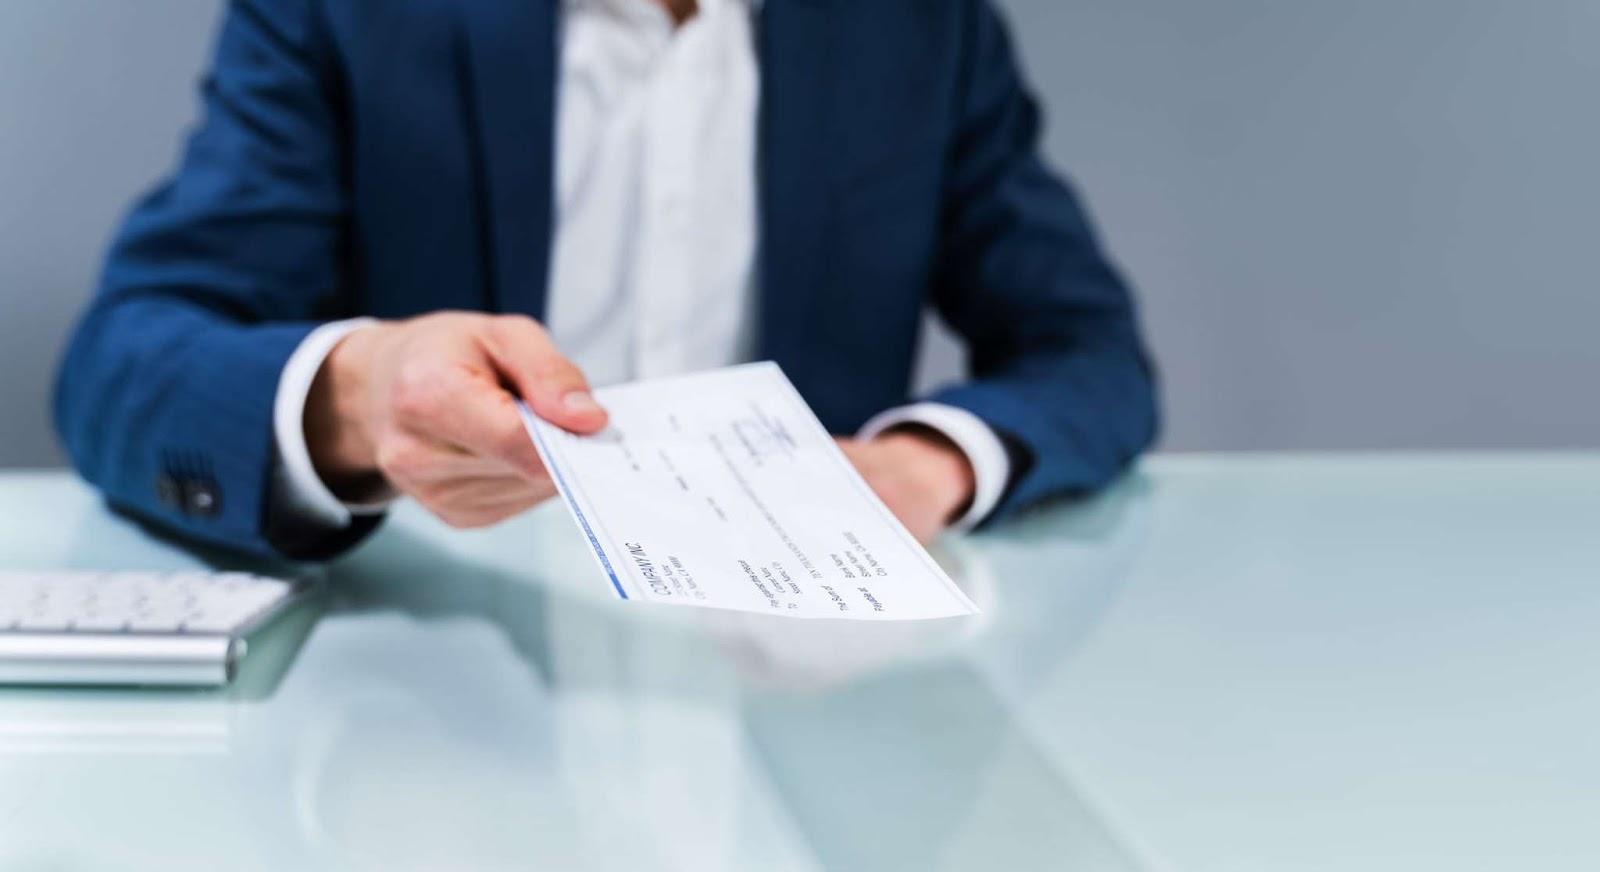 Παράταση προθεσμίας πληρωμής επιταγών